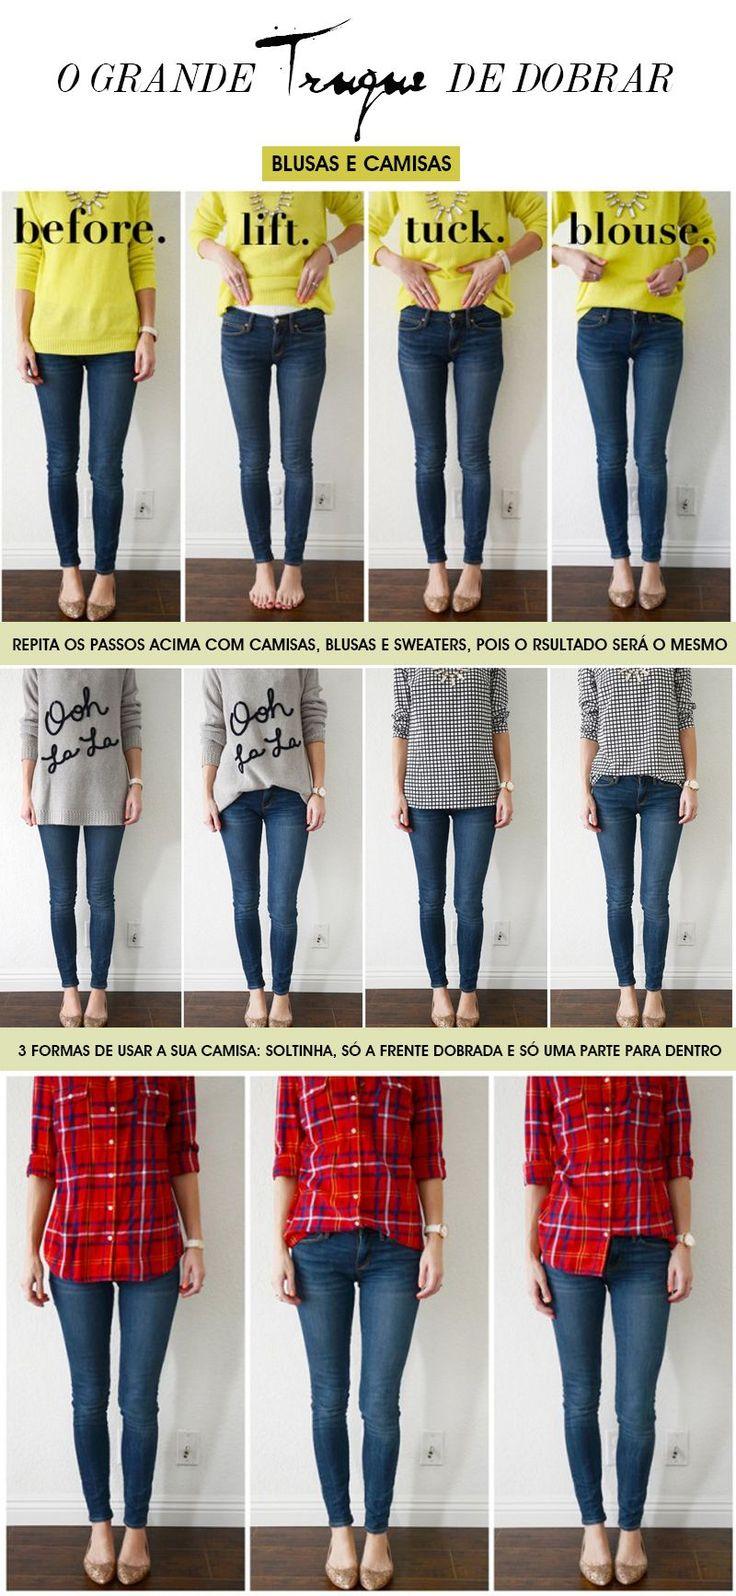 É uma foto guia para mostra como dobrar as camisetas e blusas para que elas fiquem mais modeladas ao corpo. Esse é o famoso truque de styling!